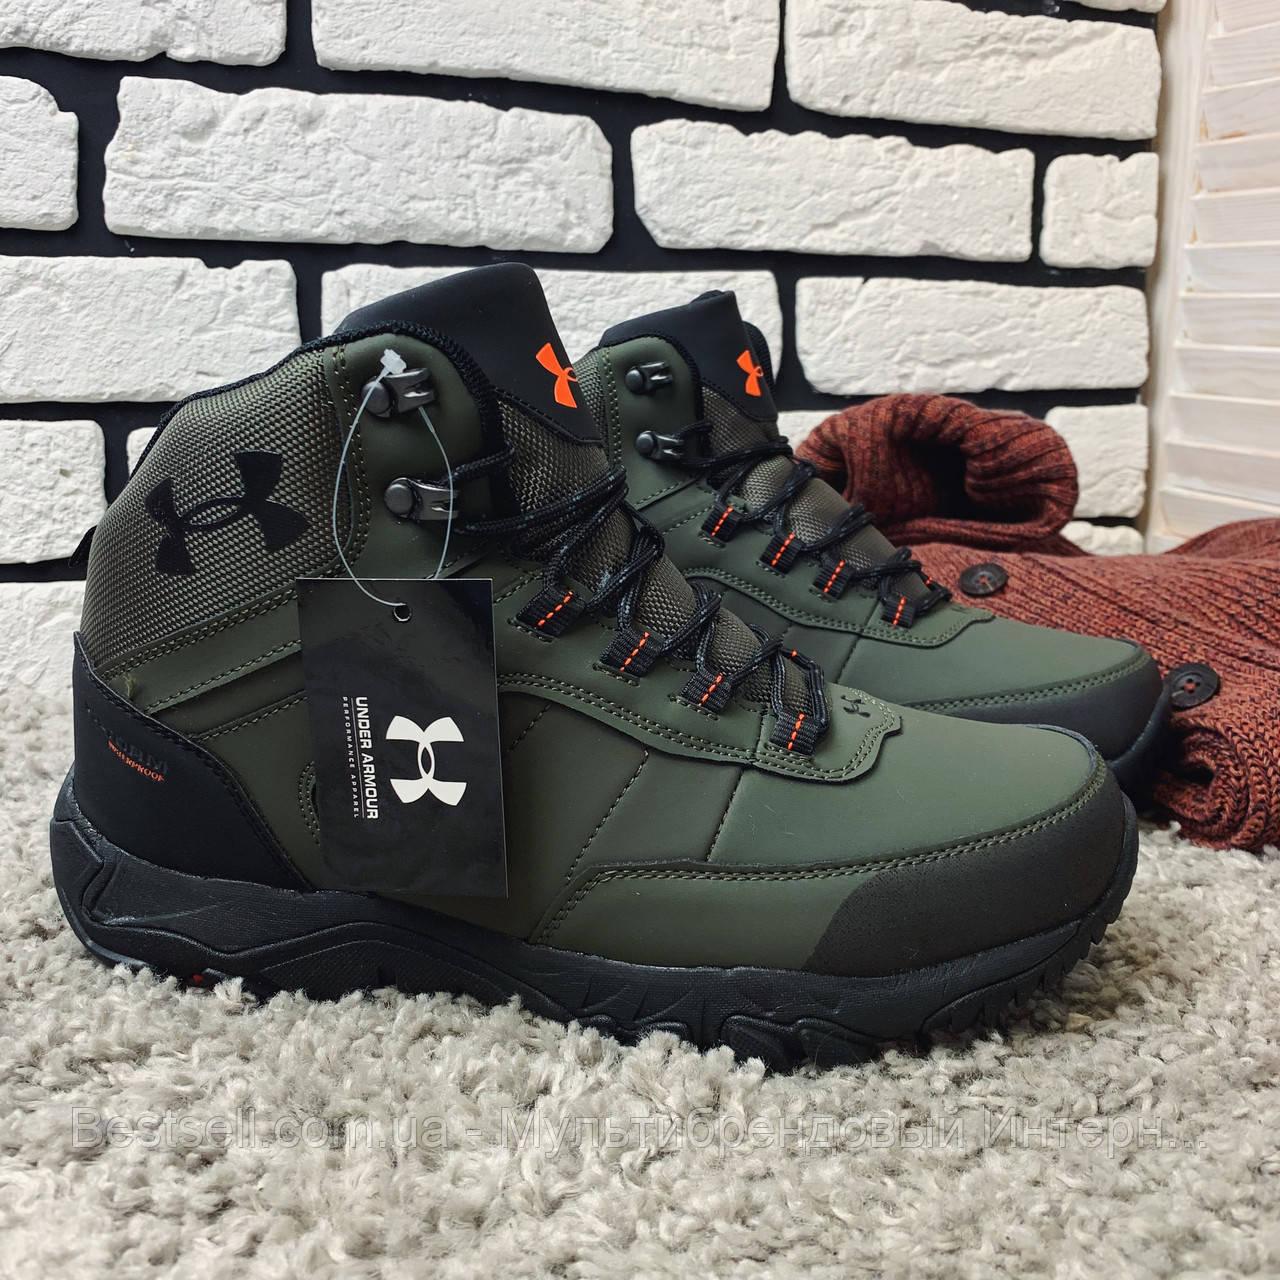 Ботинки Under Armour Storm  16-019 ⏩ [ 41 последний размер ]